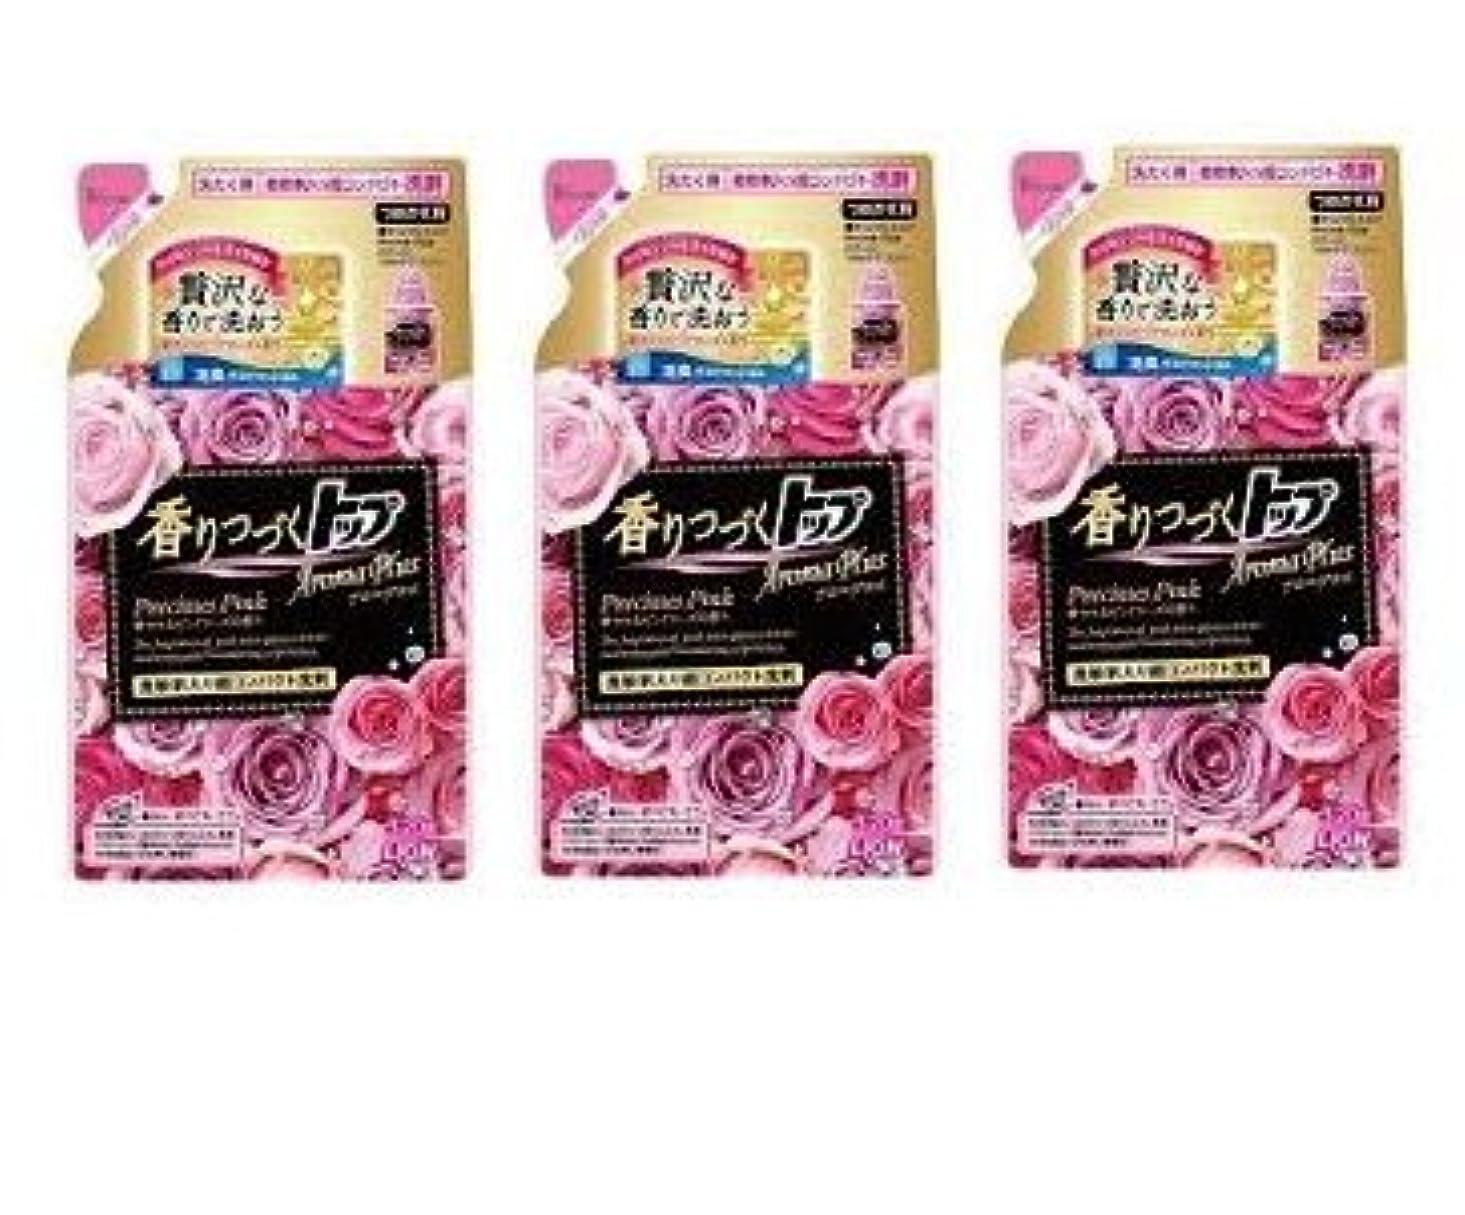 超えてドメイン識別する【まとめ買い】香りつづくトップ アロマプラス 洗濯洗剤 液体 プレシャスピンク 詰め替え 320g × 3個